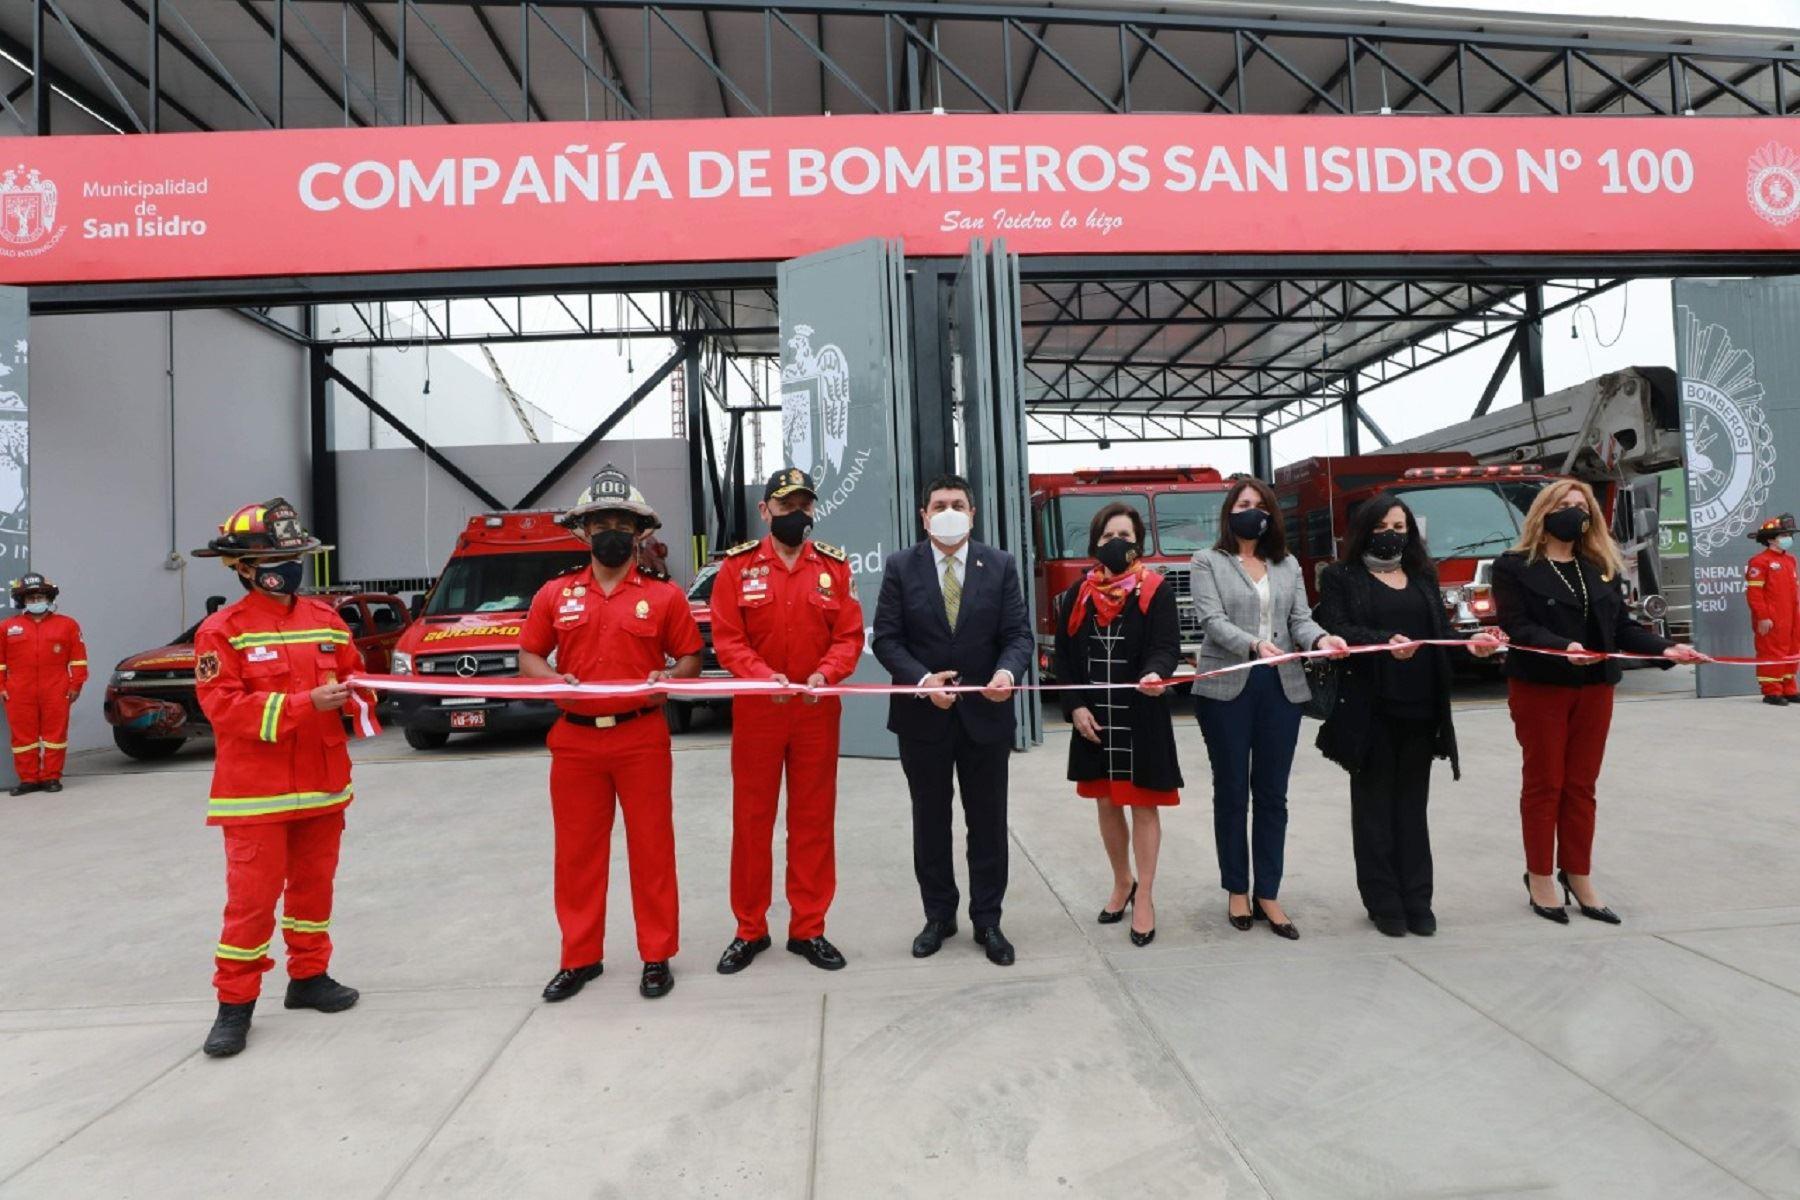 ¡Buena noticia! San Isidro inaugura nueva estación de Compañía de Bomberos N° 100